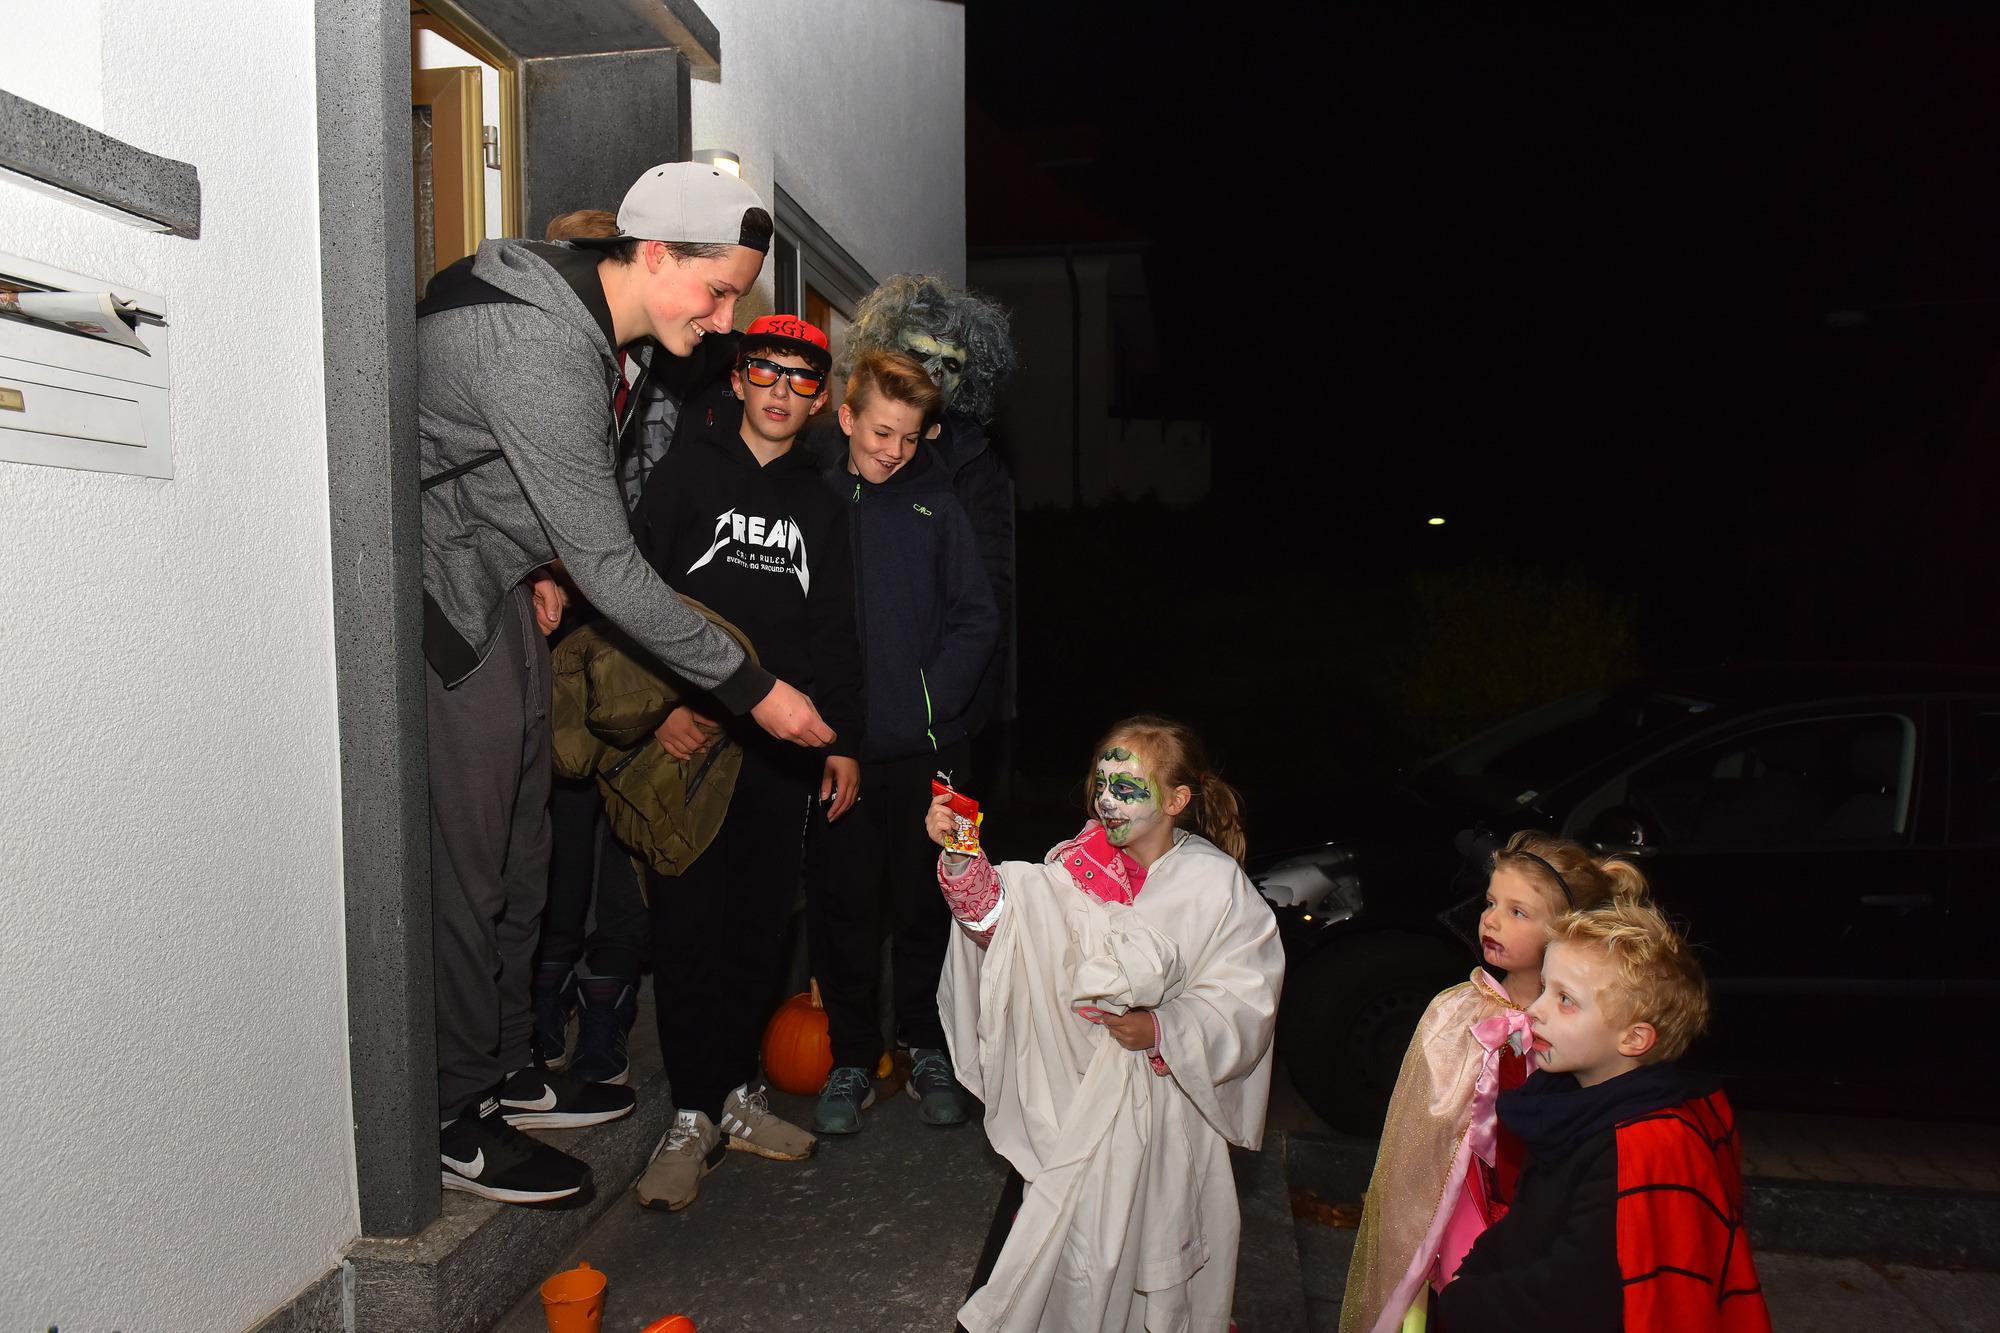 Halloween in hirschberg hinterhof geisterbahn und - Halloween fenster projektion ...